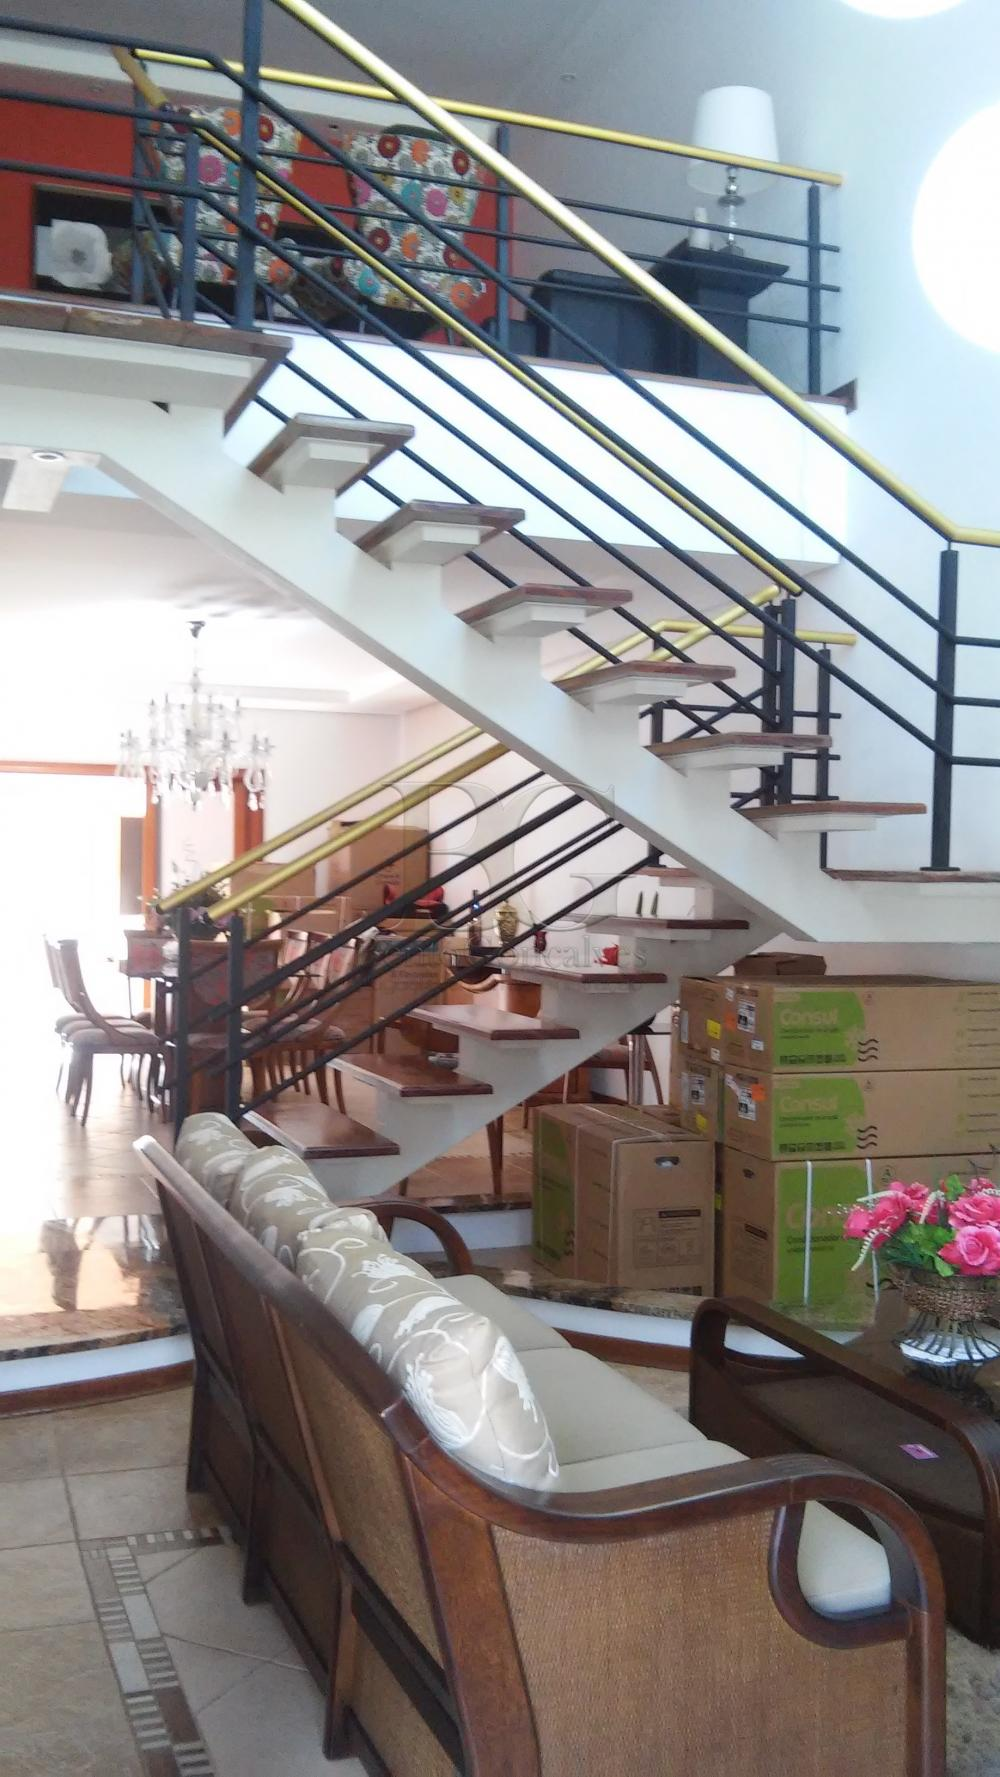 Comprar Casas / Padrão em Poços de Caldas apenas R$ 1.200.000,00 - Foto 3